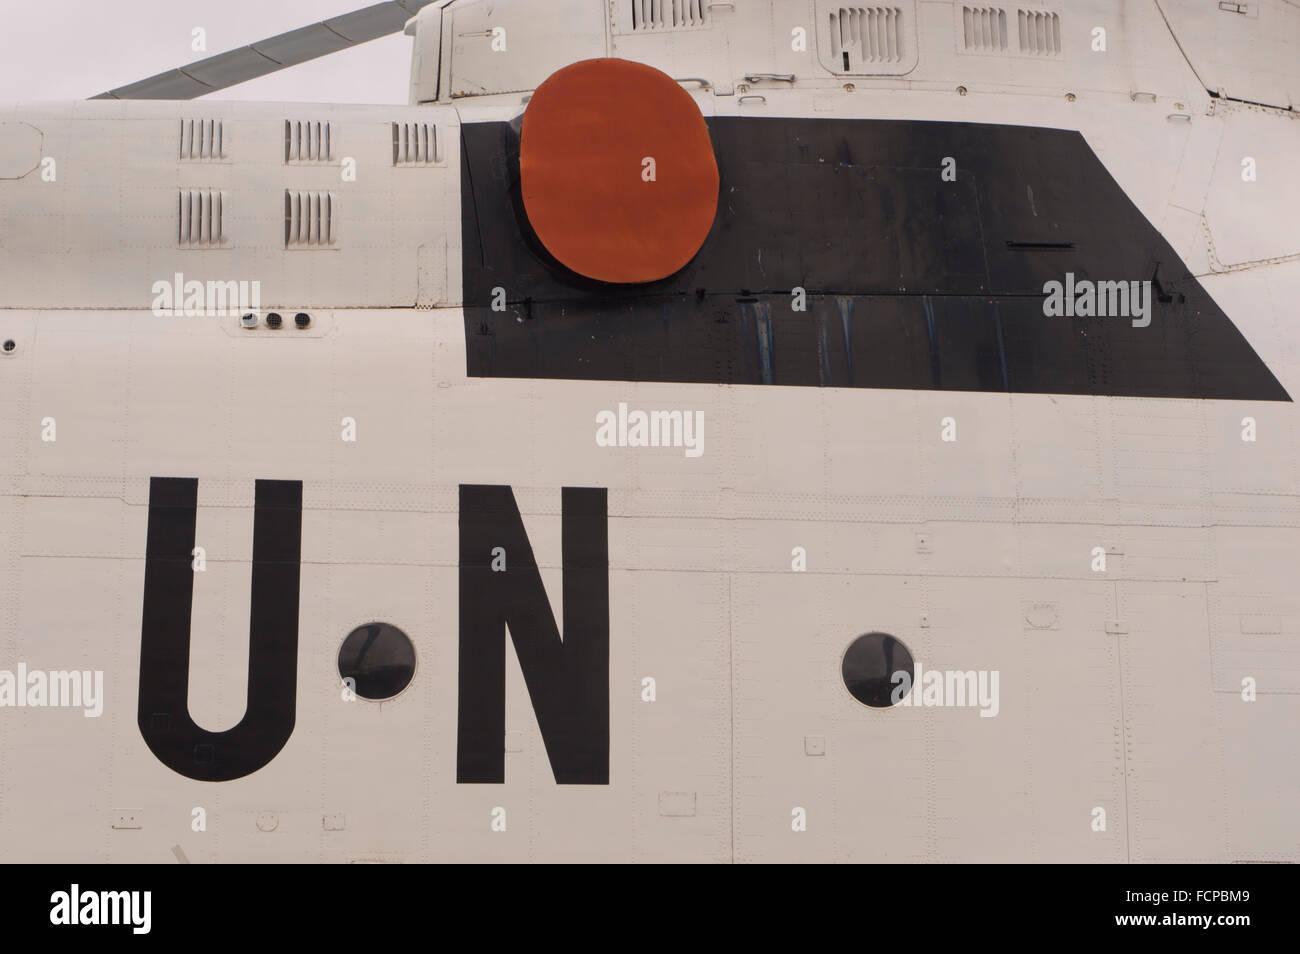 UN-Symbol auf Hubschrauber Stockbild